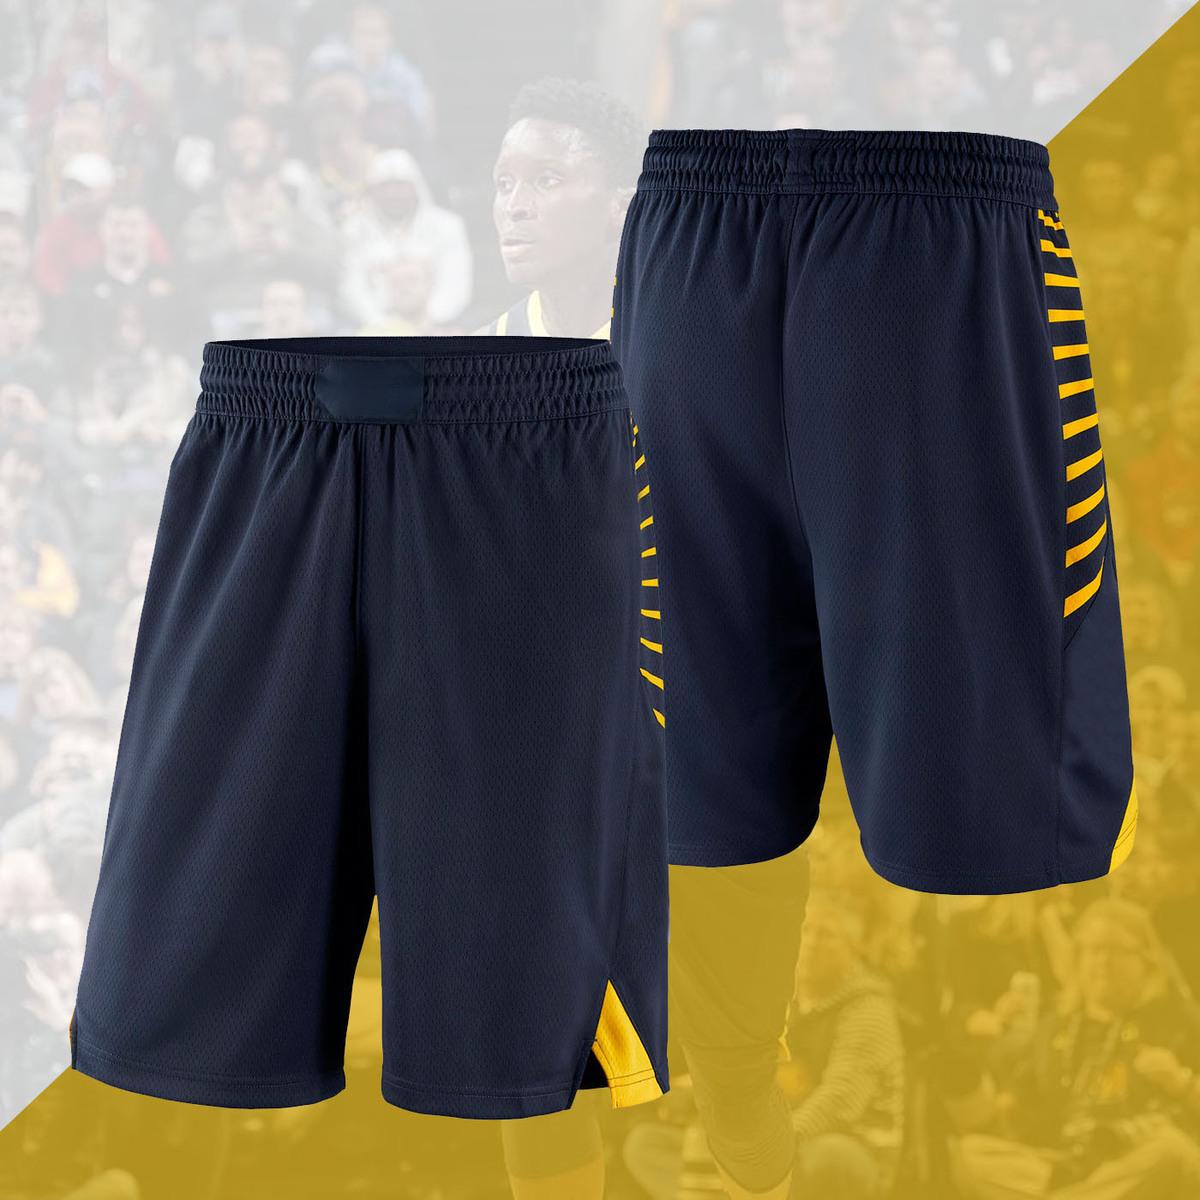 新赛季印第安纳奥拉迪波史蒂芬森联盟版白色蓝黑色运动篮球裤短裤